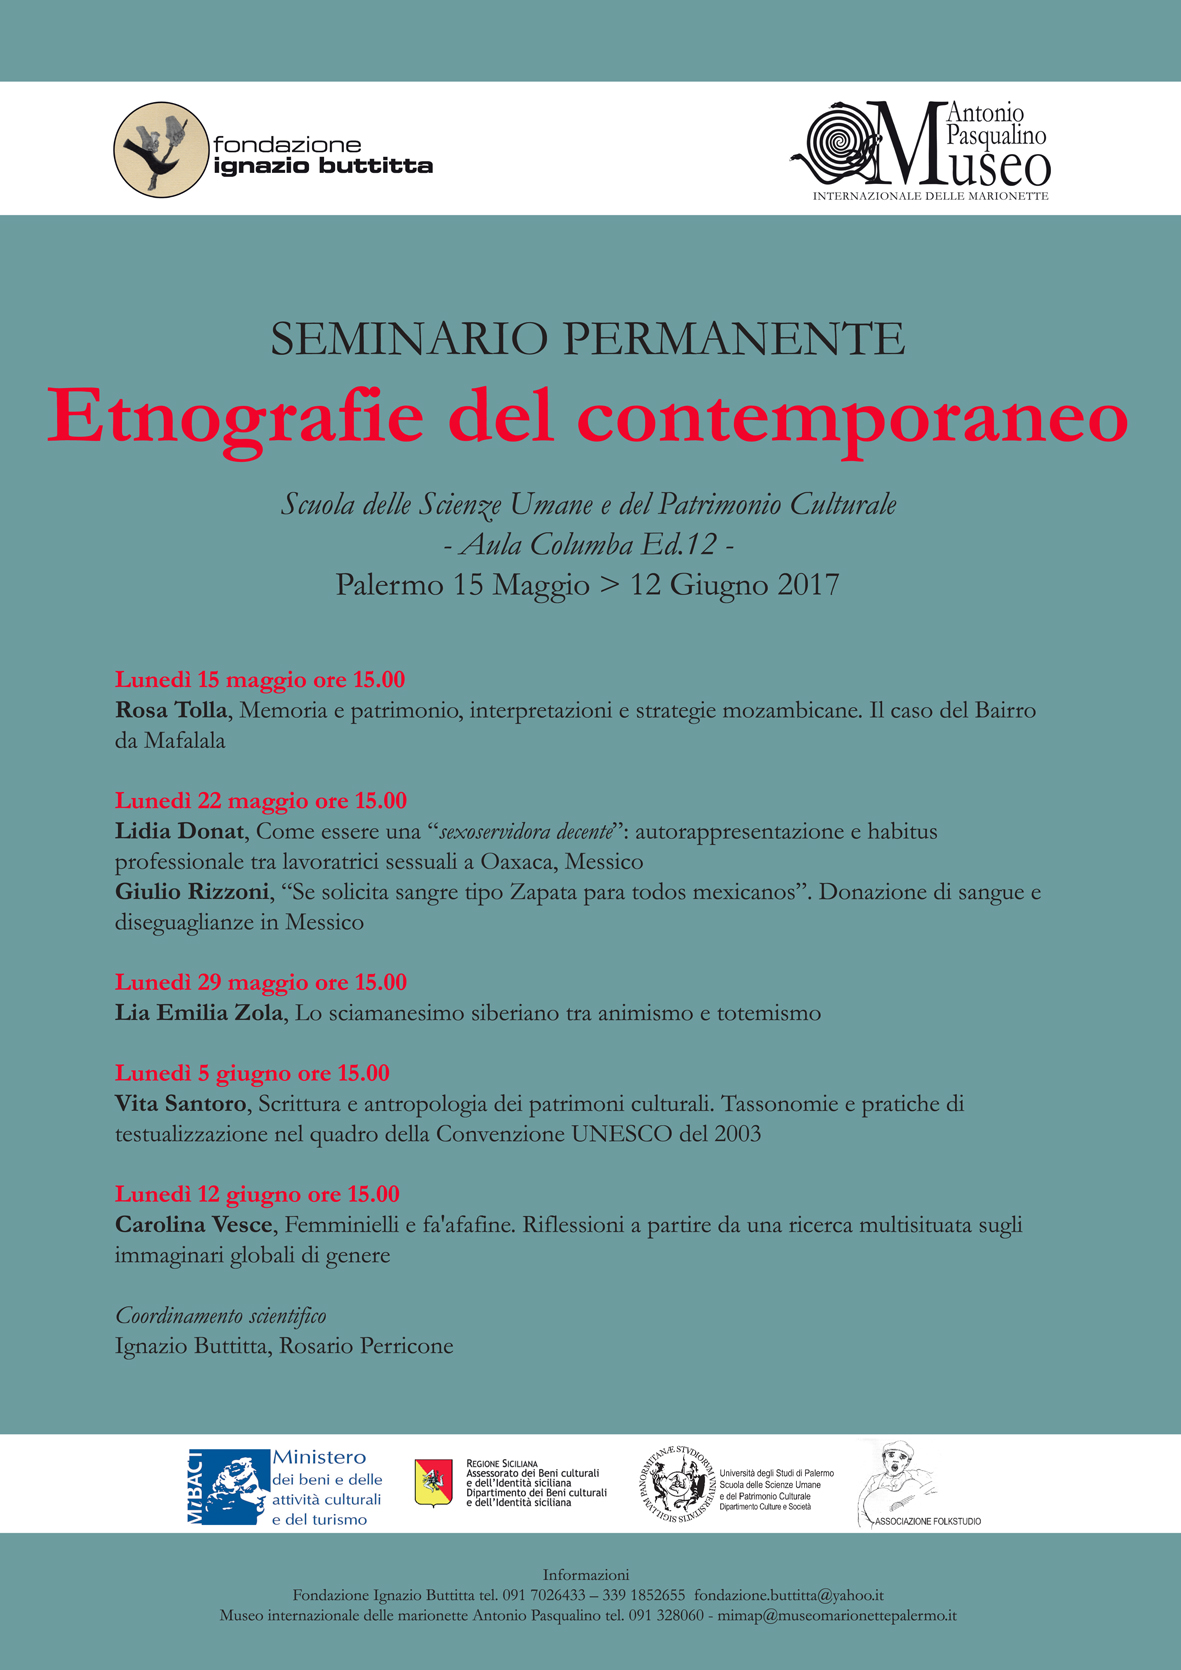 Locandina_Etnografie_del_contemporaneo.jpg - 737.56 kB